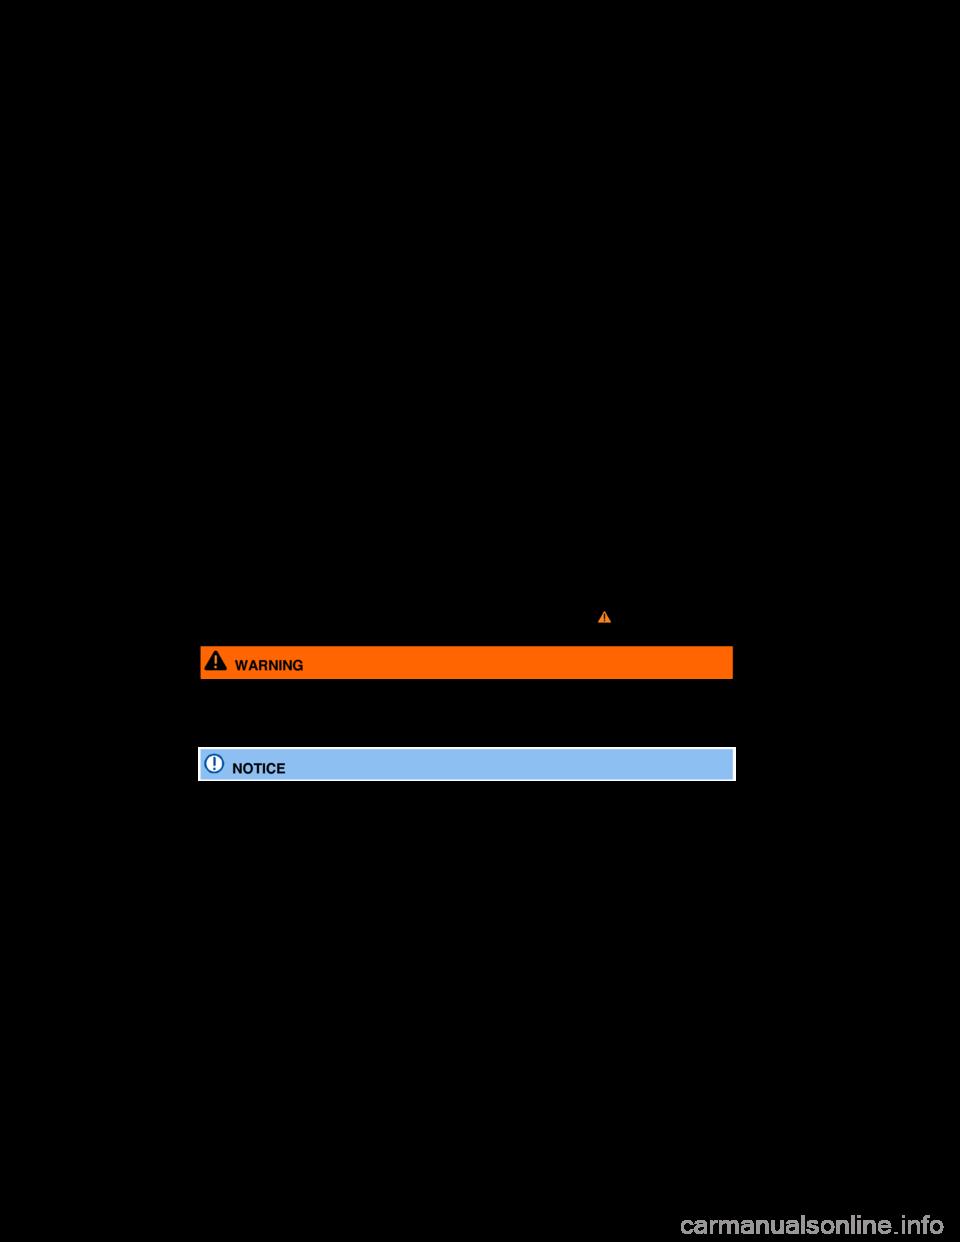 VOLKSWAGEN PASSAT 2014 B8 / 6 G